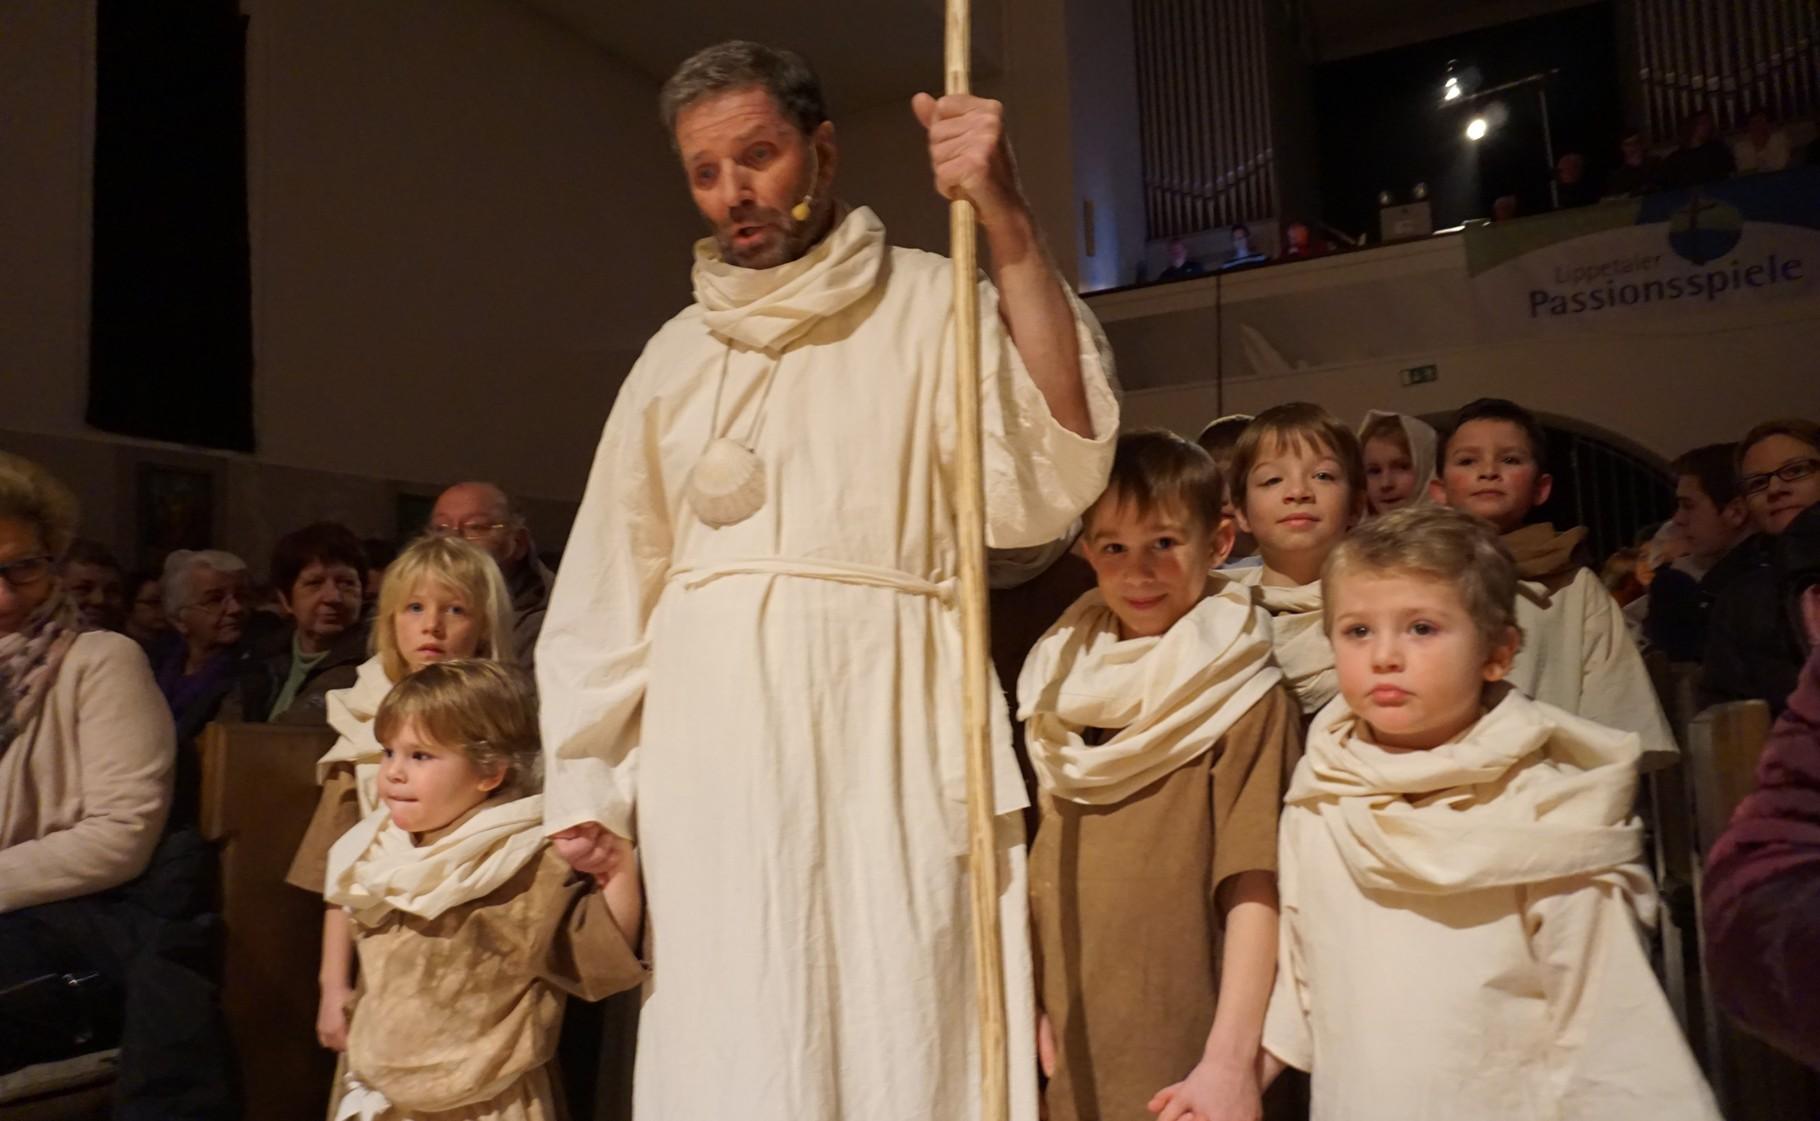 Die Kinder auf dem Weg zu Jesus